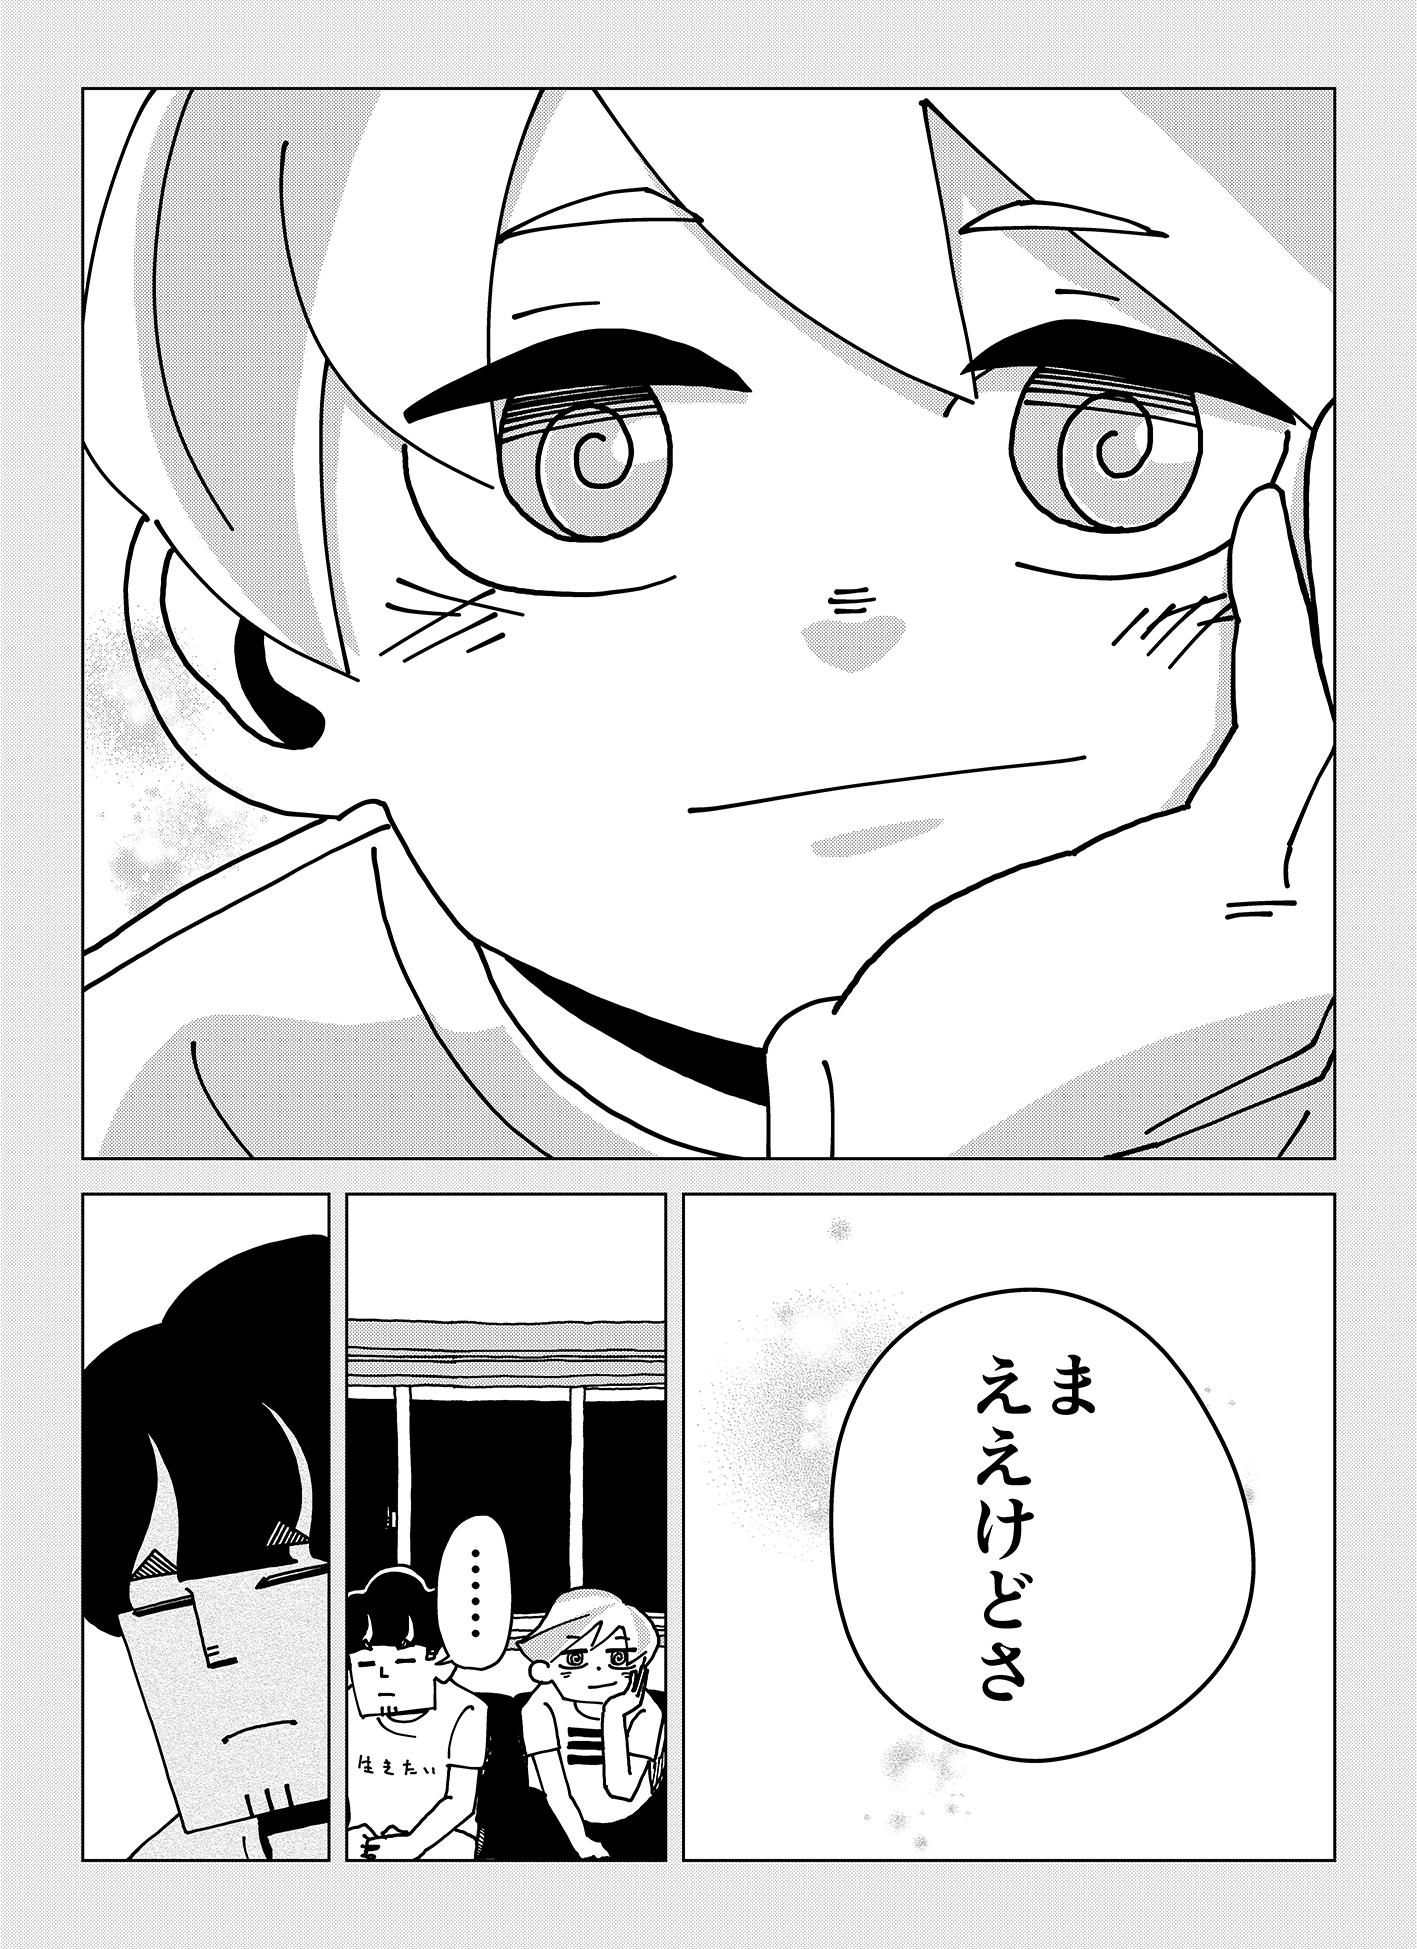 share10_014